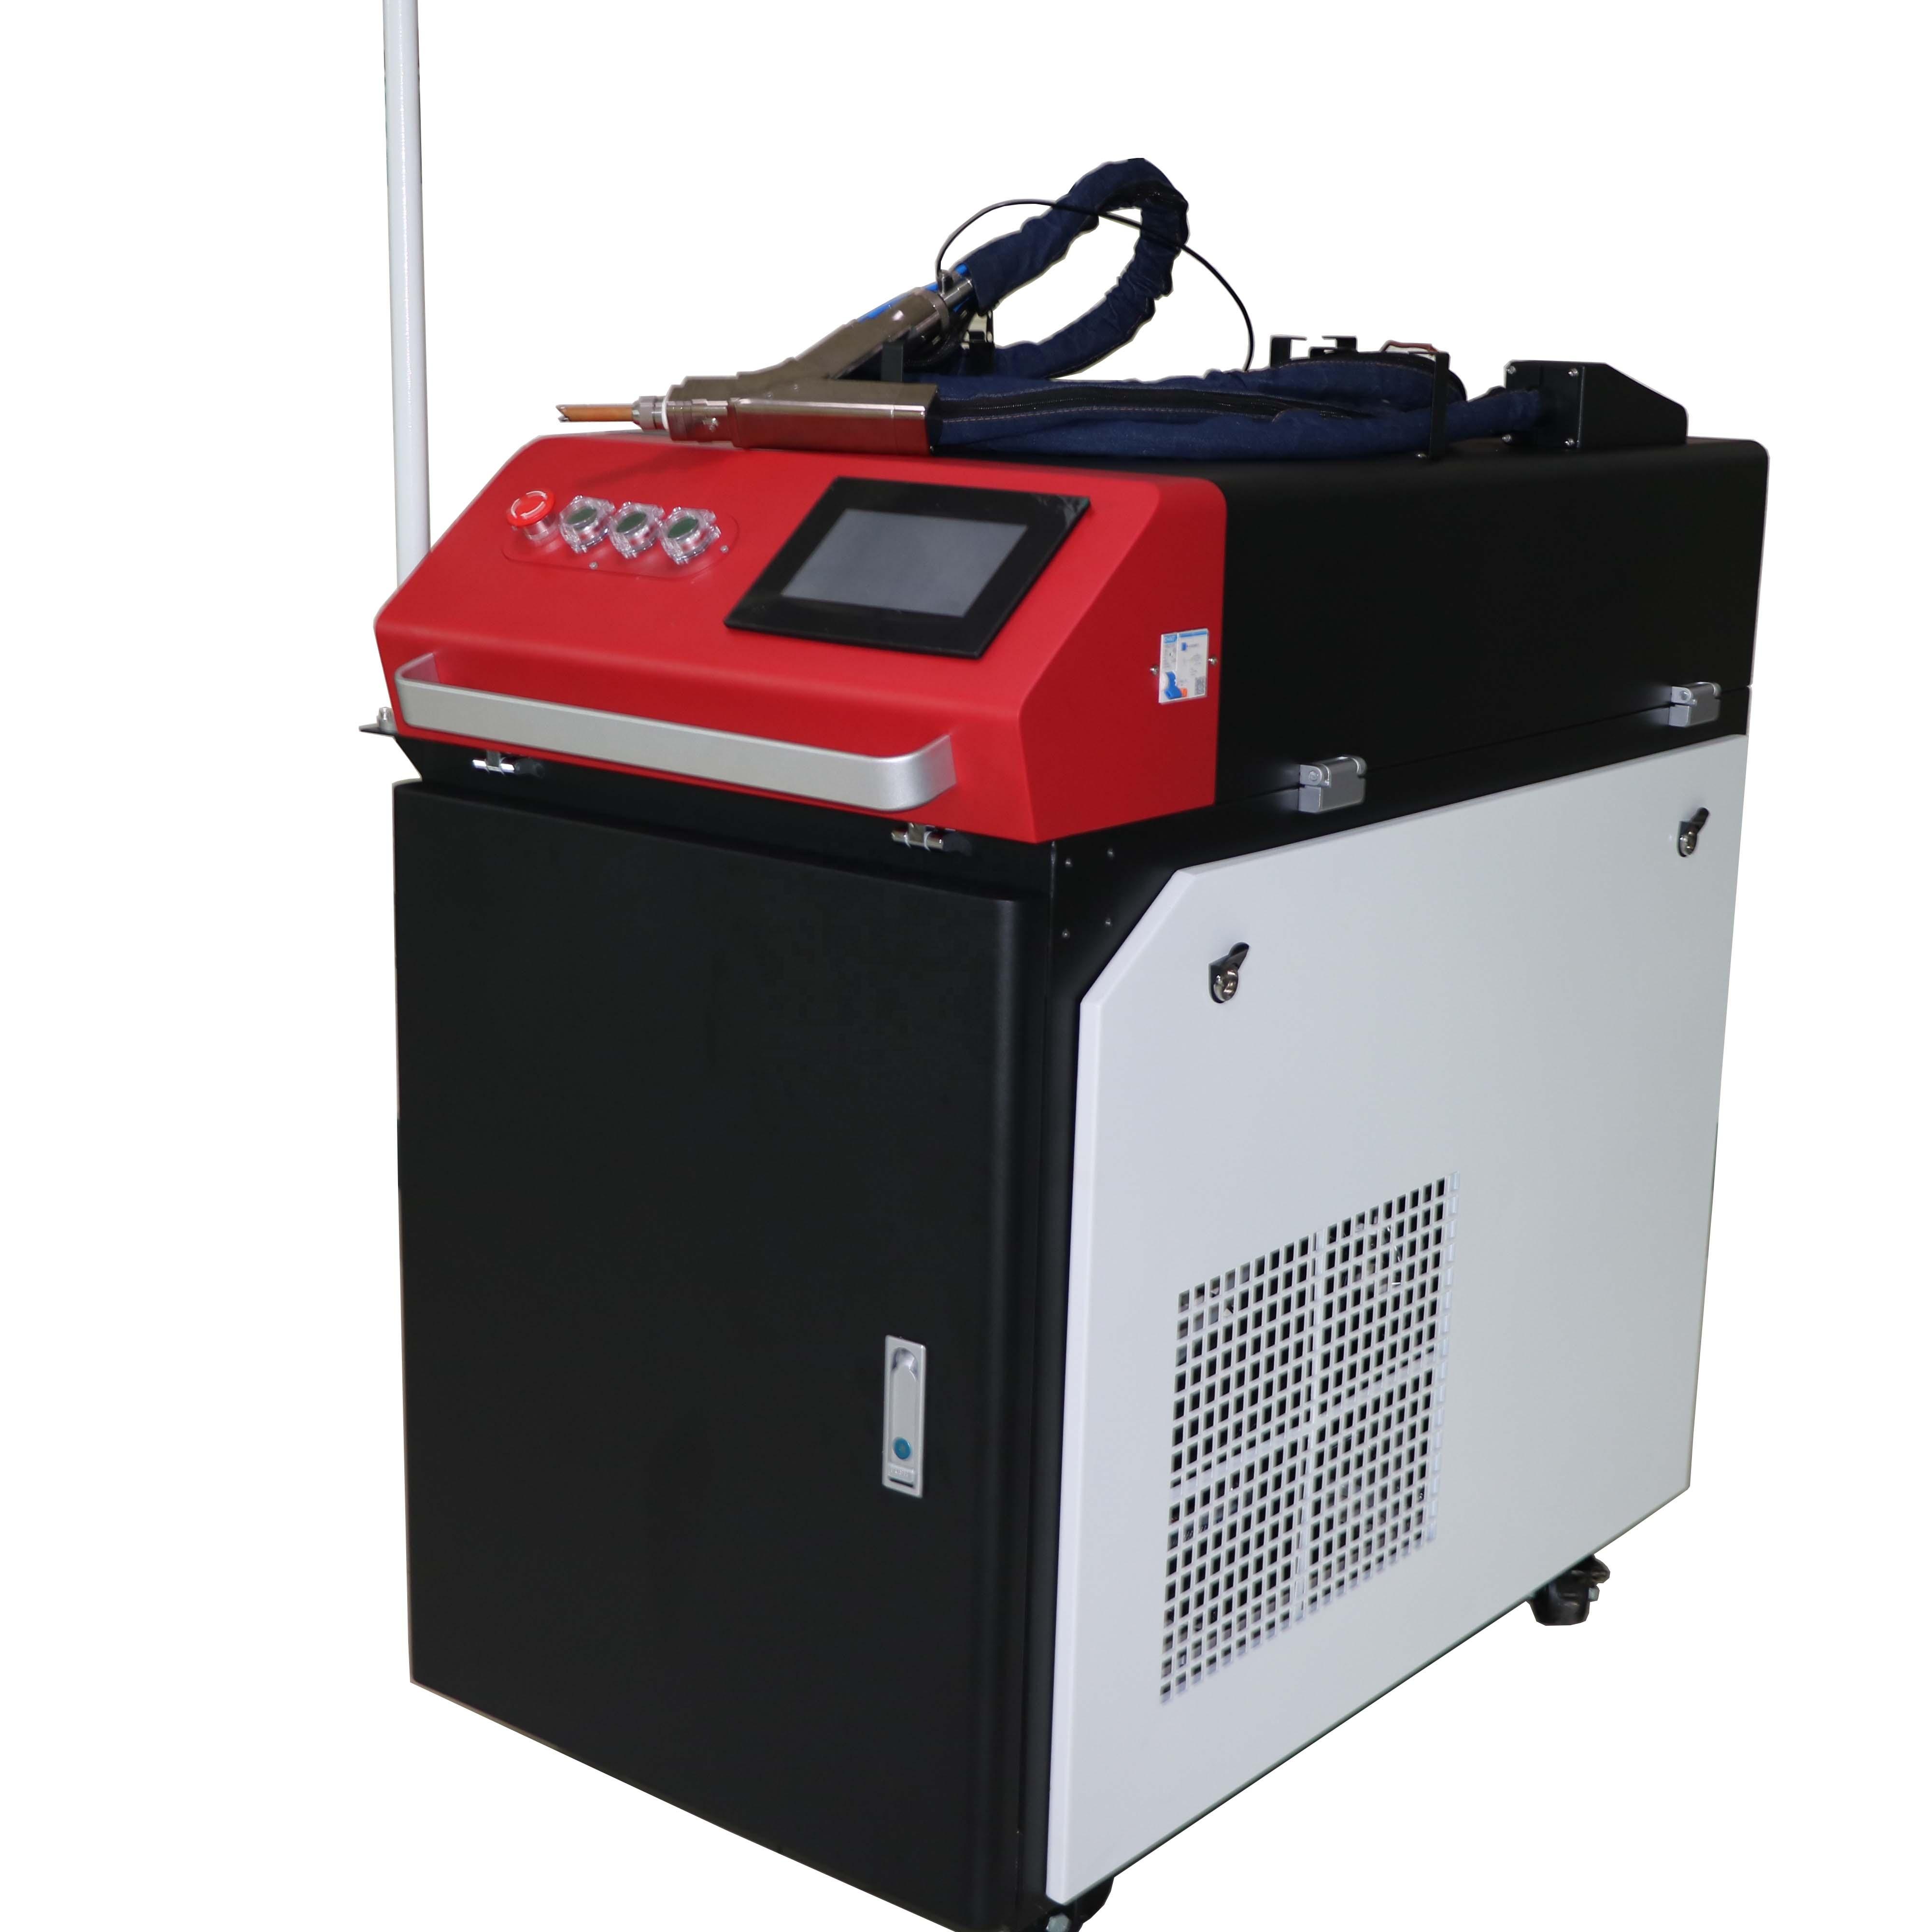 Лазерная сварка: ручная сварка металла лазером, оборудование и его установка, гост и недостатки технологии